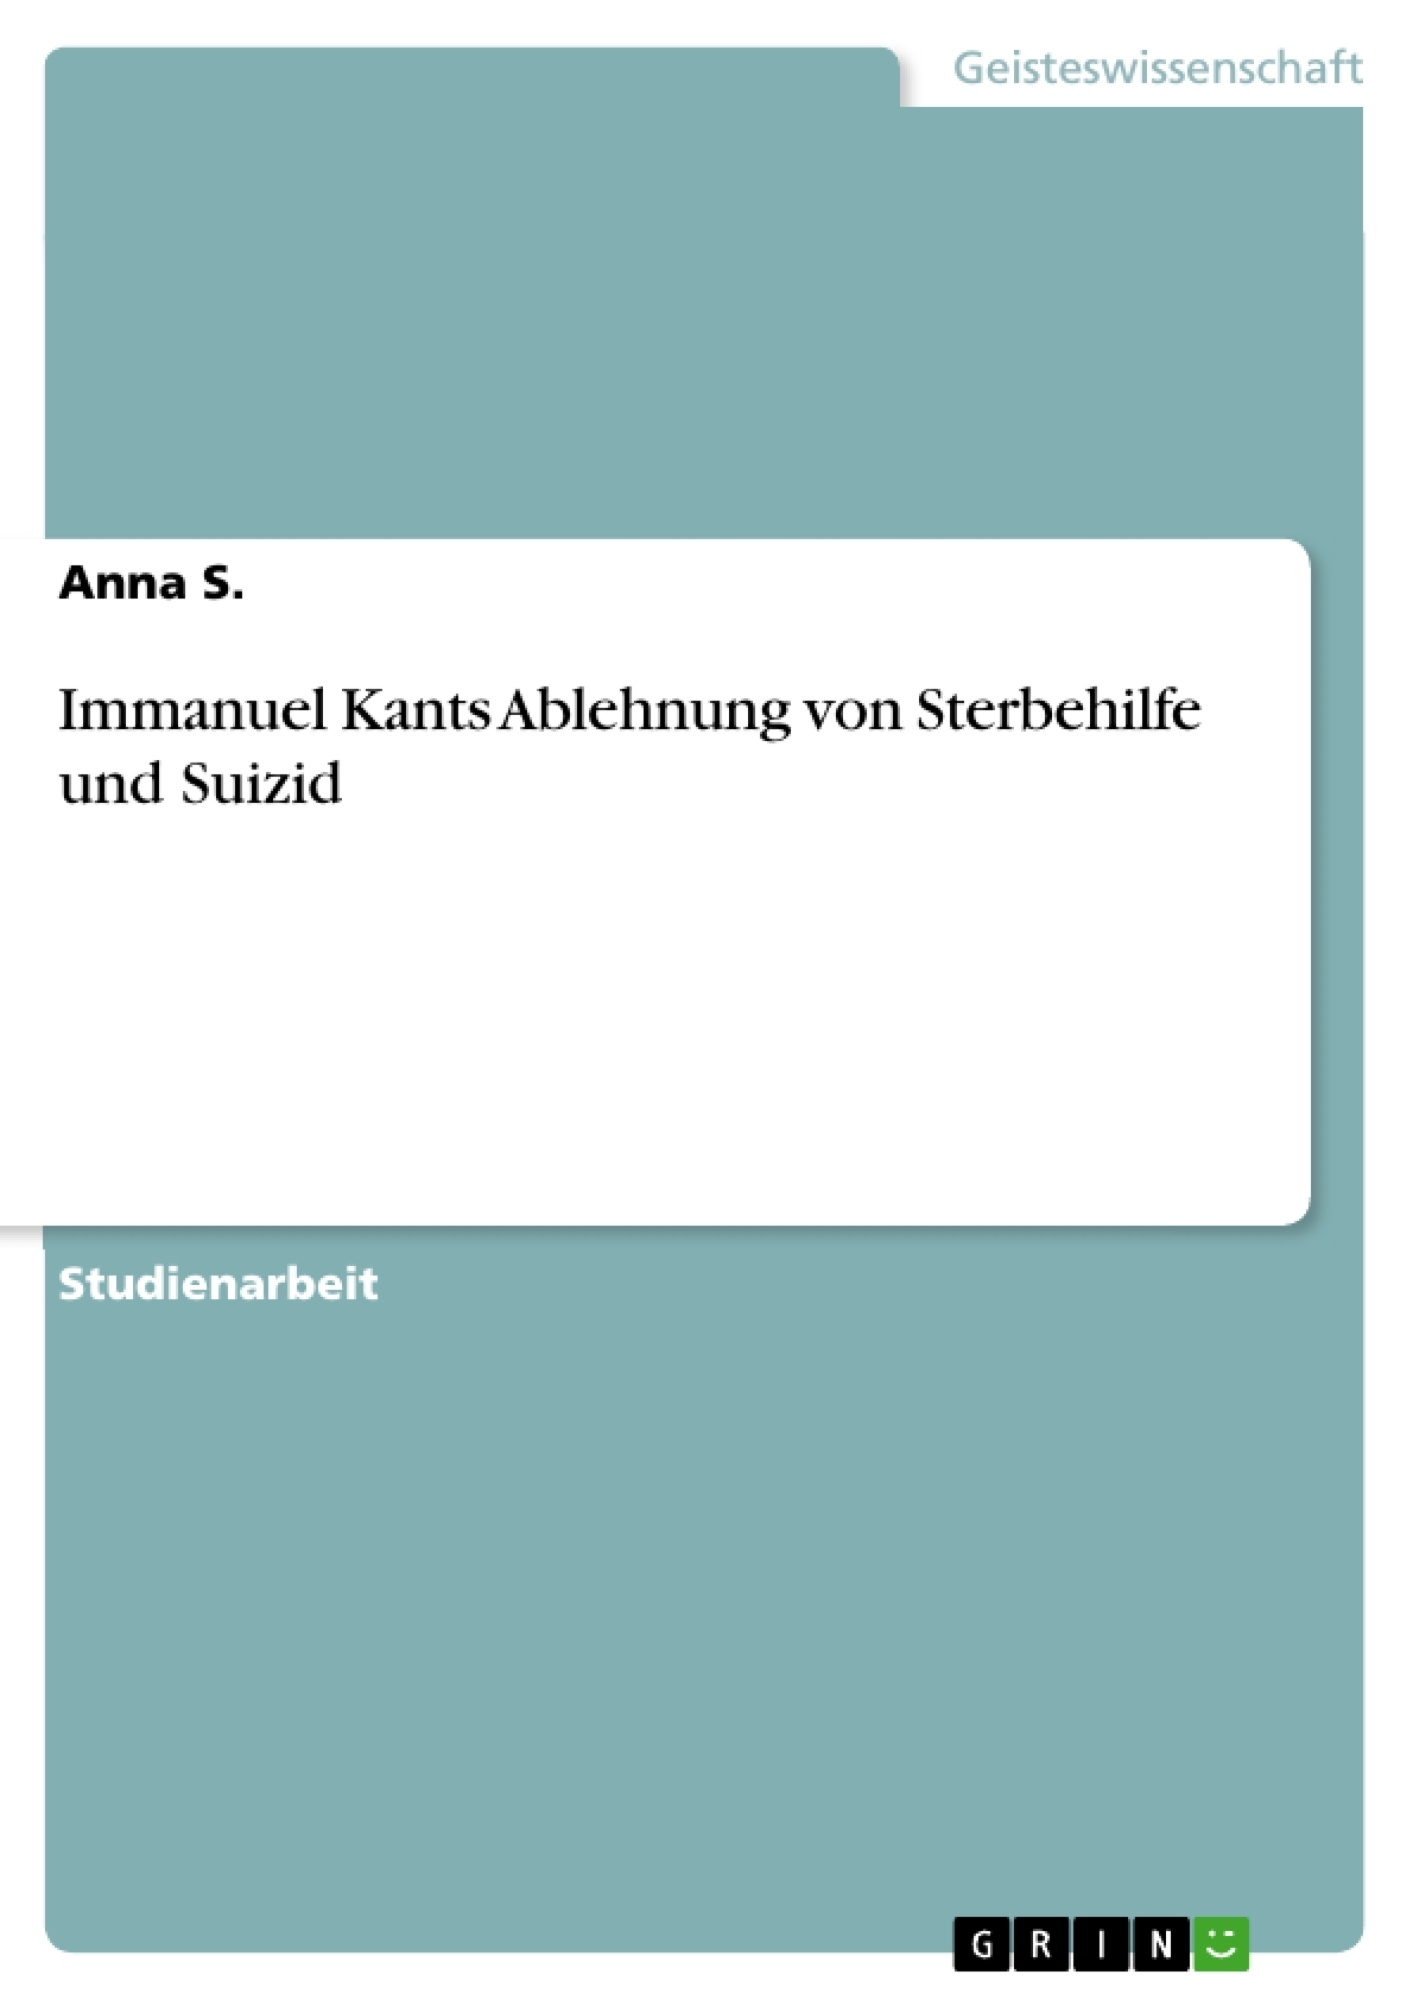 Titel: Immanuel Kants Ablehnung von Sterbehilfe und Suizid